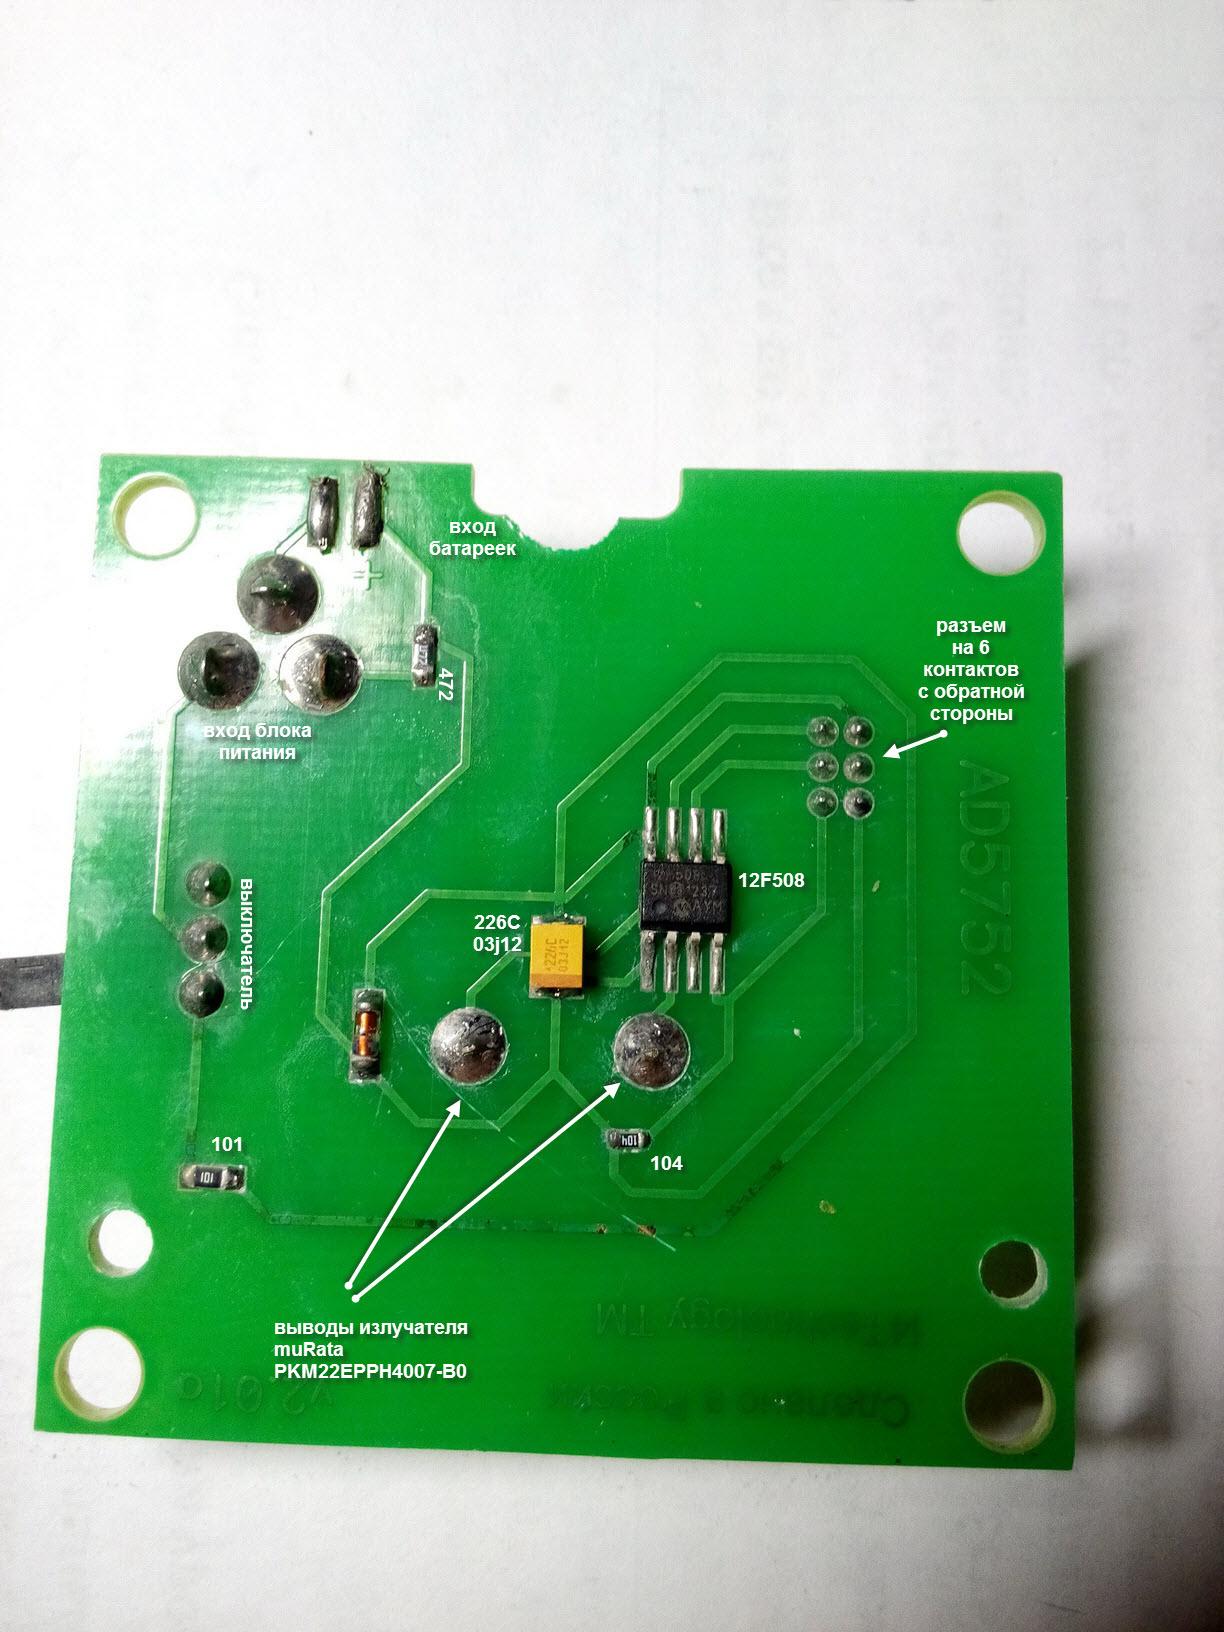 схема отпугиватель крыс и мышей на микроконтроллере